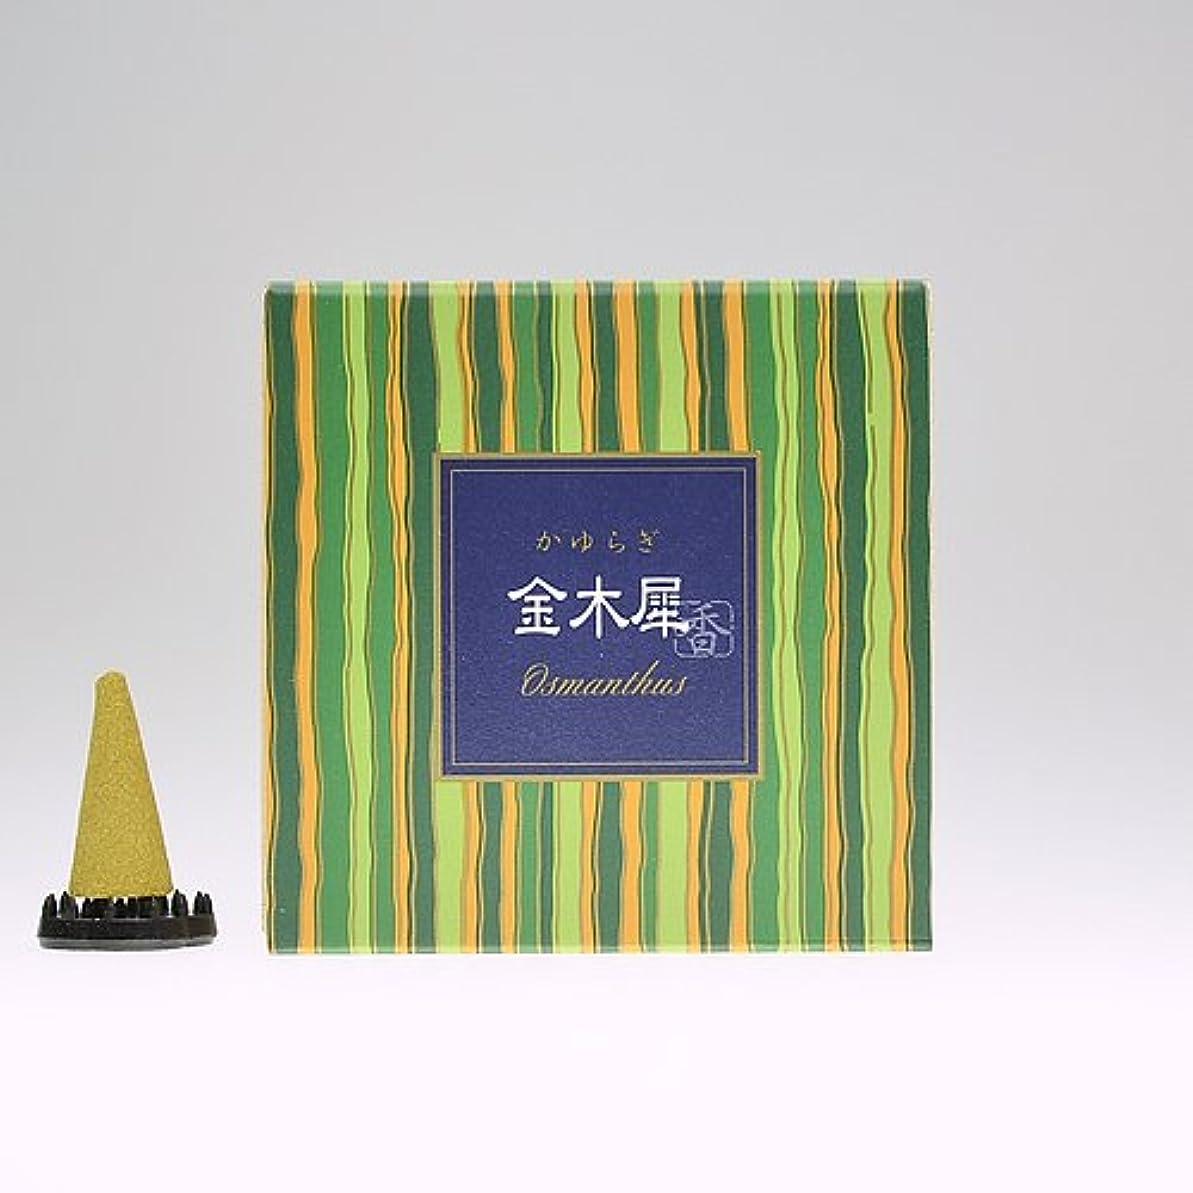 素晴らしい抵抗するレディ日本香堂 かゆらぎ お香コーン 12個入 「金木犀(きんもくせい)」 4902125384149